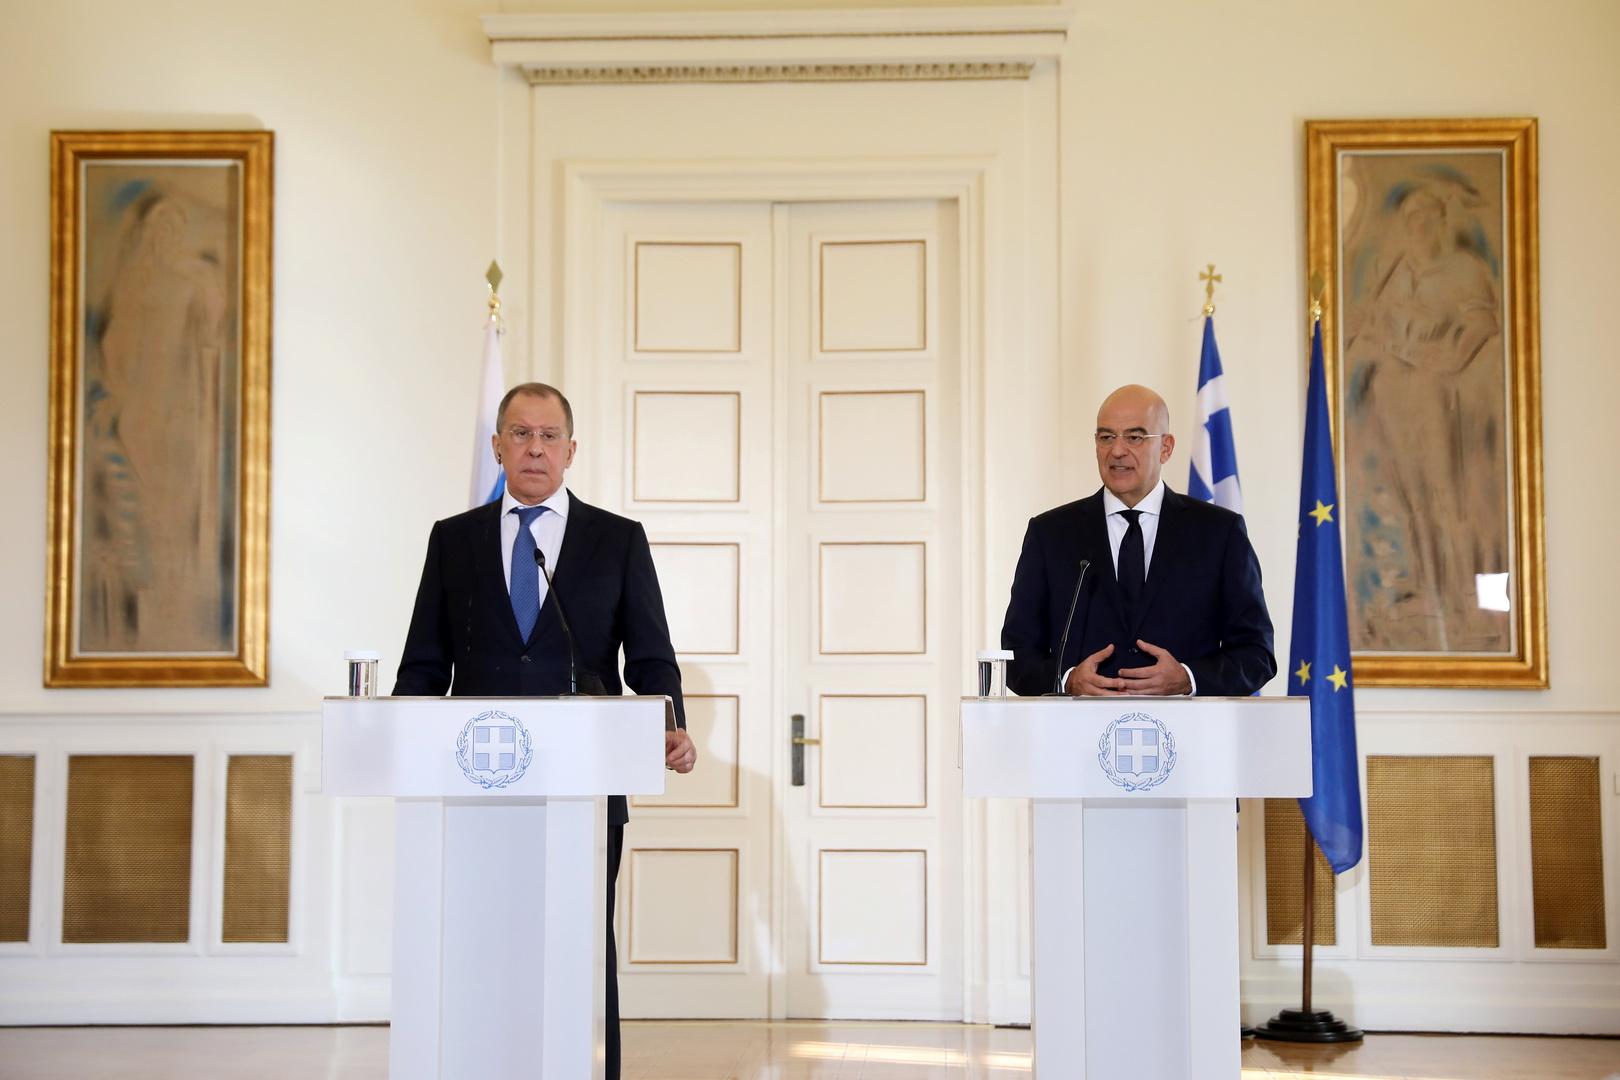 وزير خارجية اليونان للافروف: تركيا تحولت إلى وكالة سفر للجهاديين